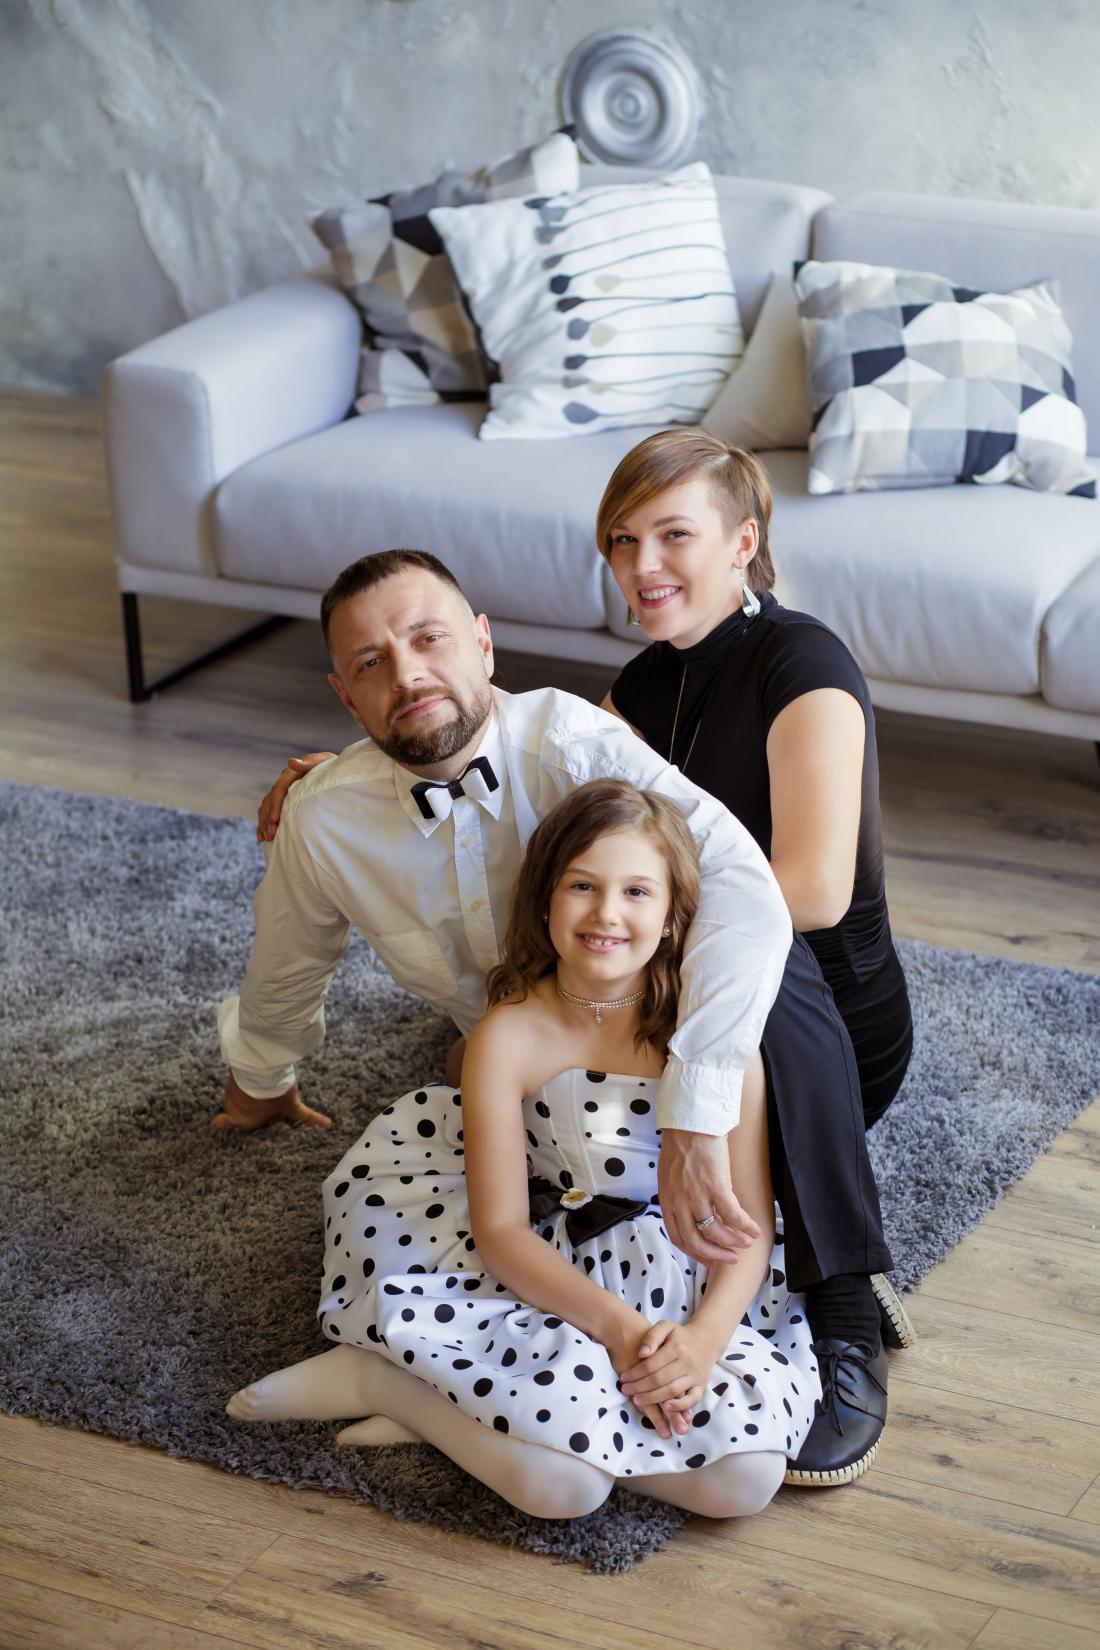 """Фотосессии: индивидуальная, семейная, детская, """"В ожидании ребенка"""" и """"Love story"""" в студии за 80 руб/час"""